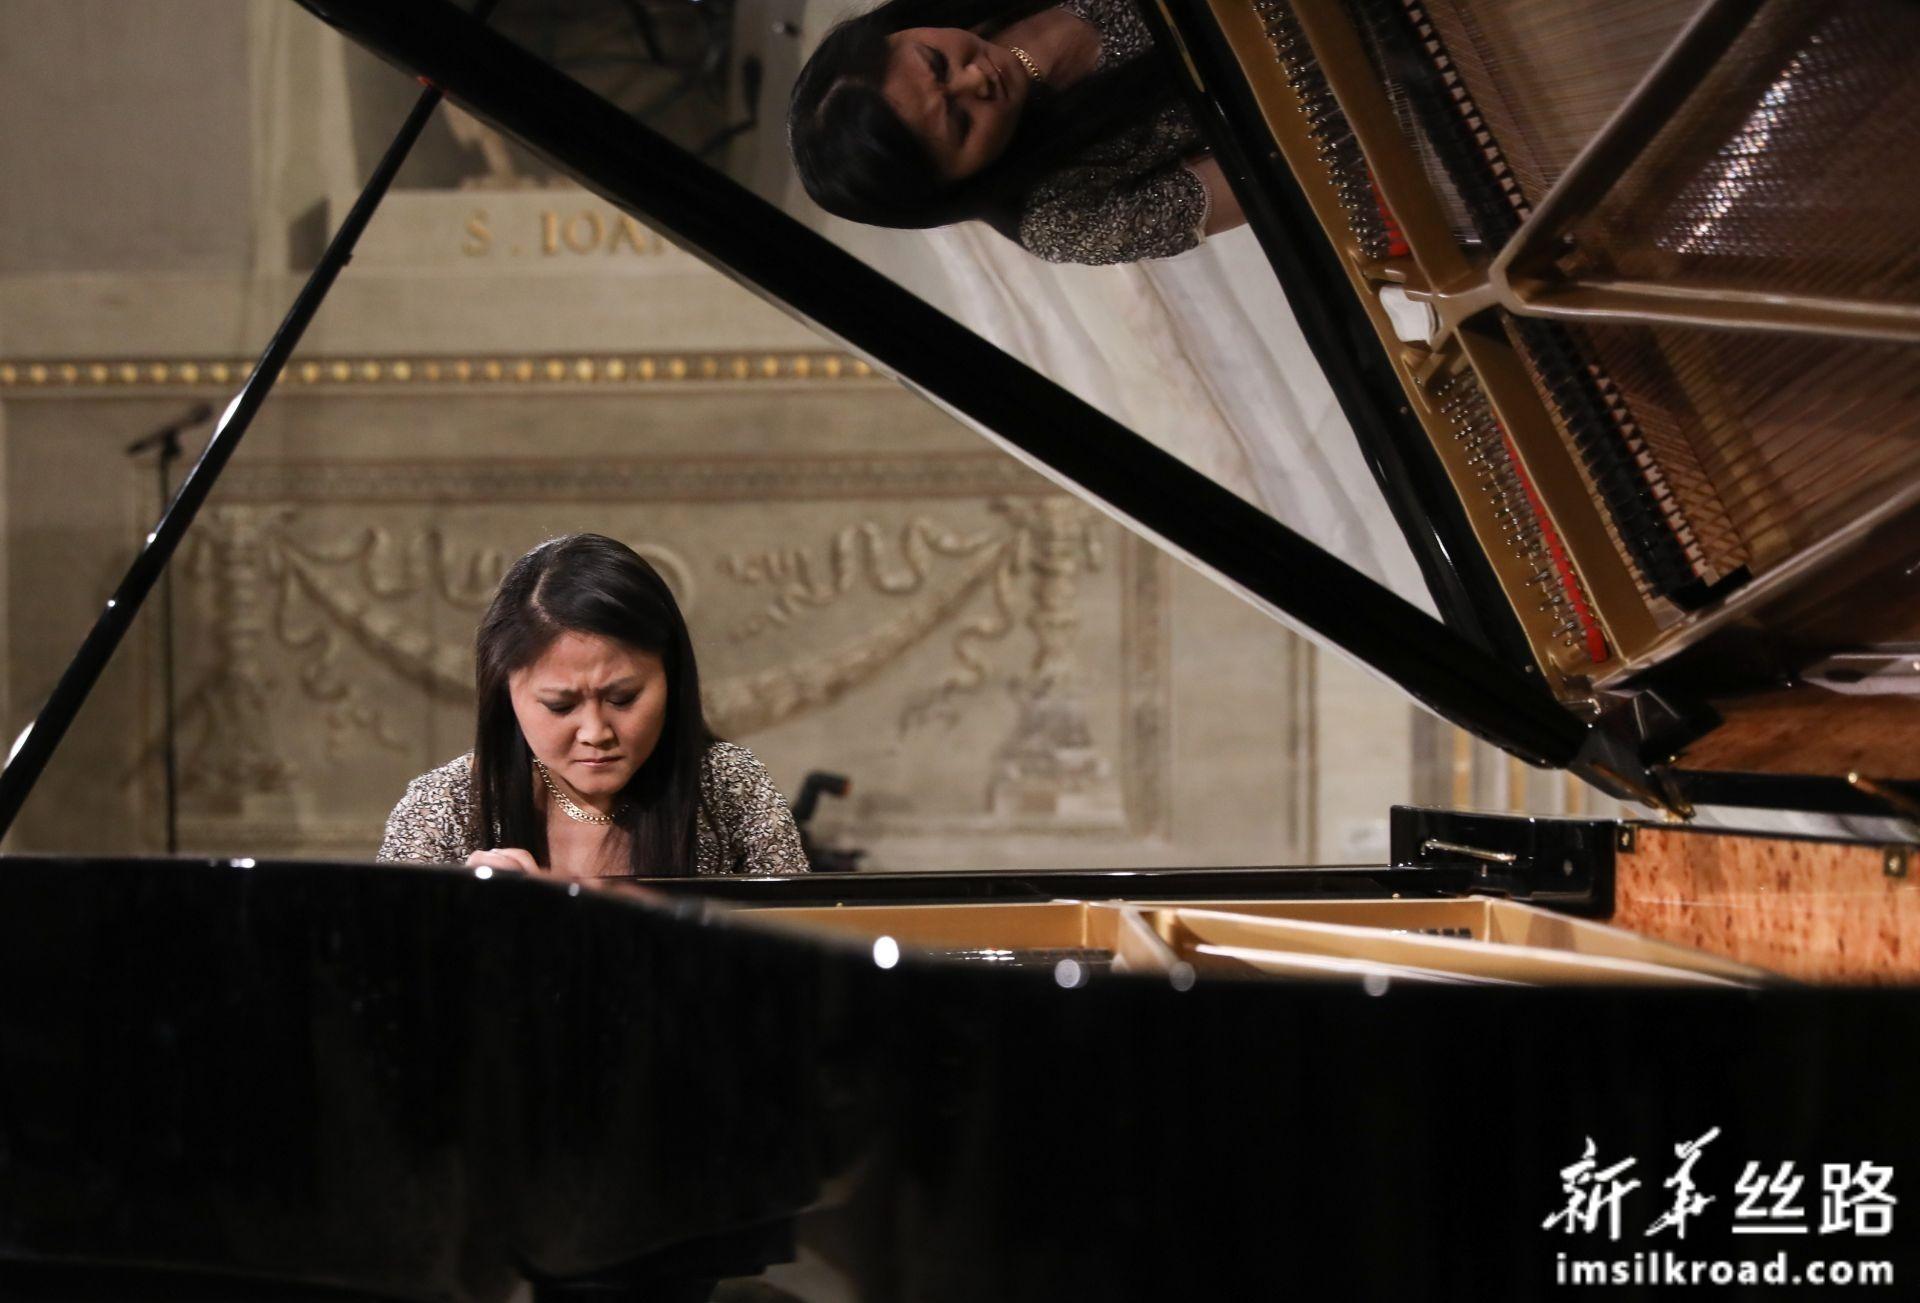 2月13日,在意大利罗马总统府奎里纳莱宫,旅意华人钢琴家居觐在音乐会现场演奏。新华社记者 程婷婷 摄